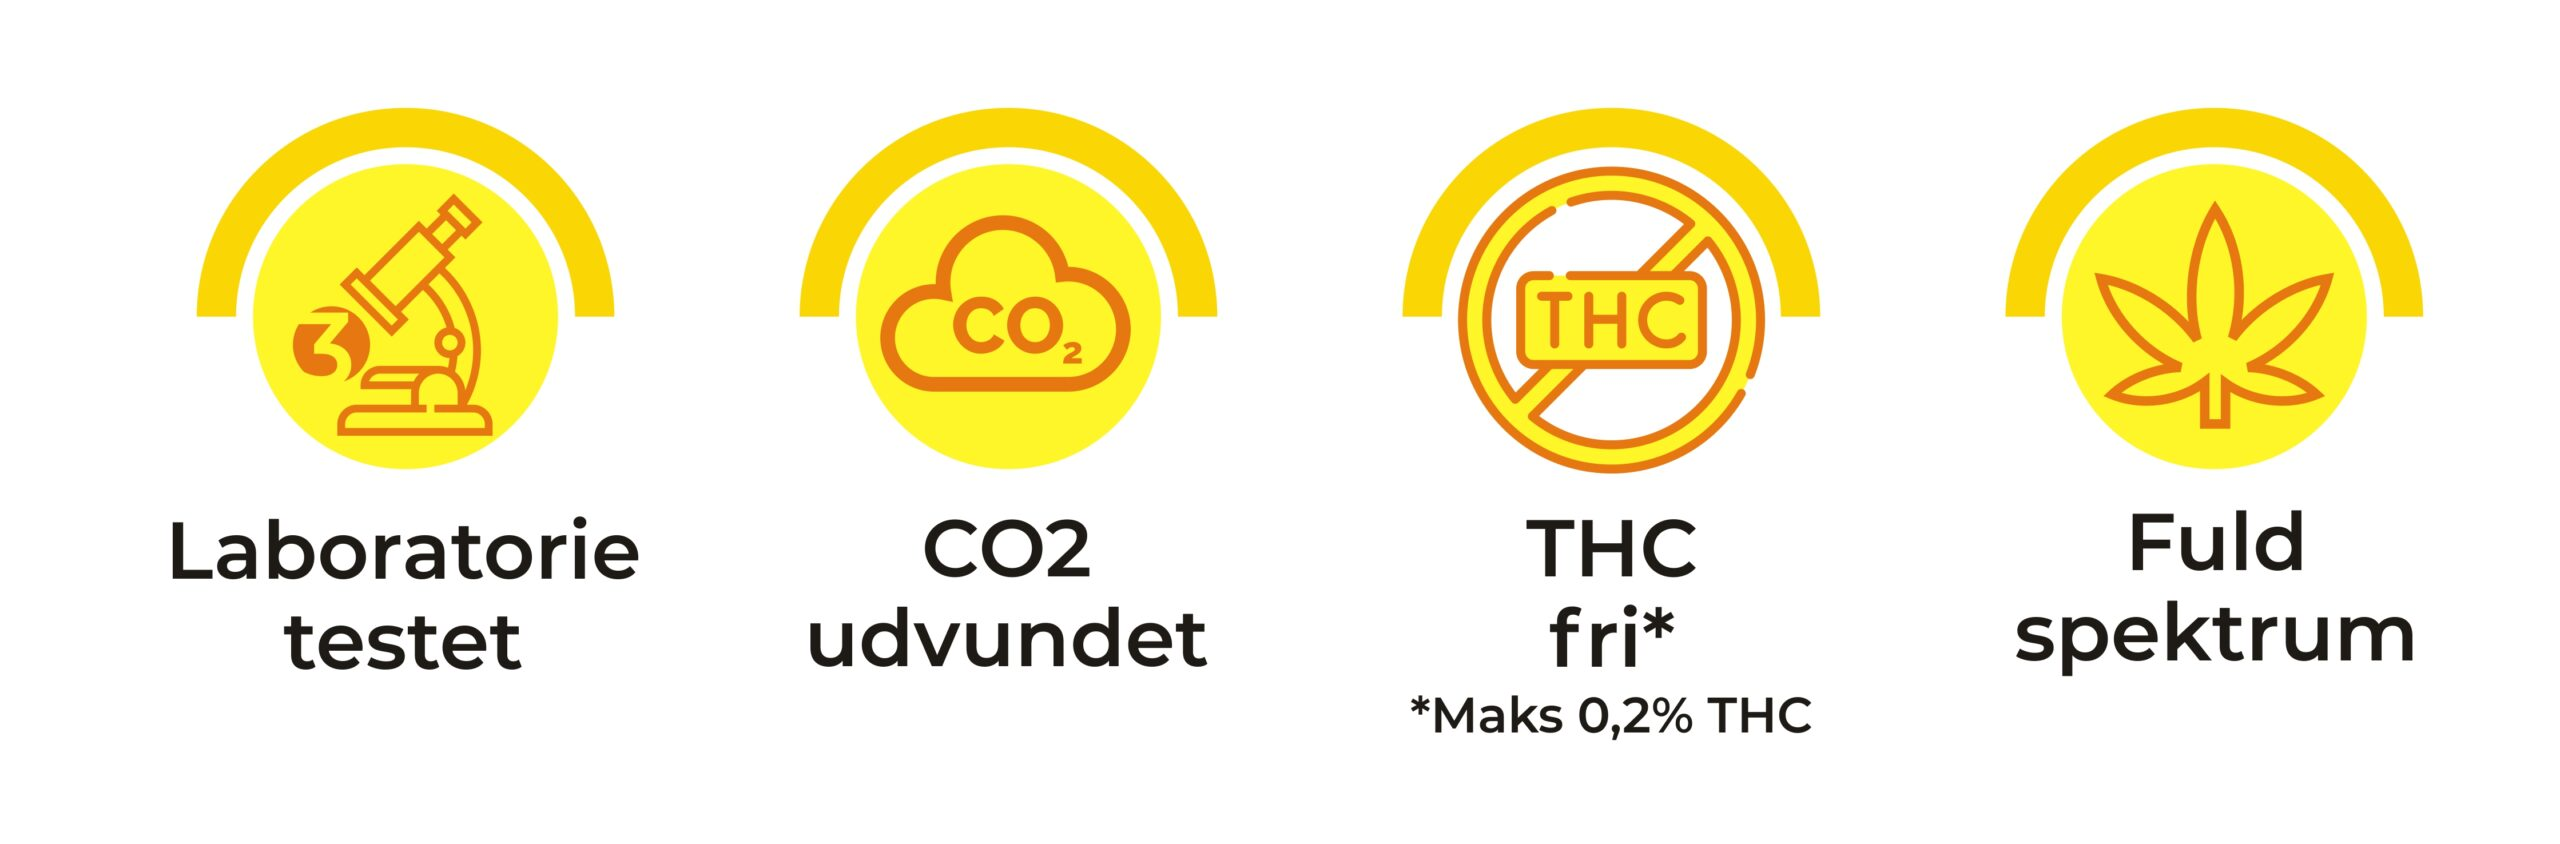 Symboler der viser, at CBD olien er laboratorie testet, CO2 udvundet, THC fri og fuldspektrum